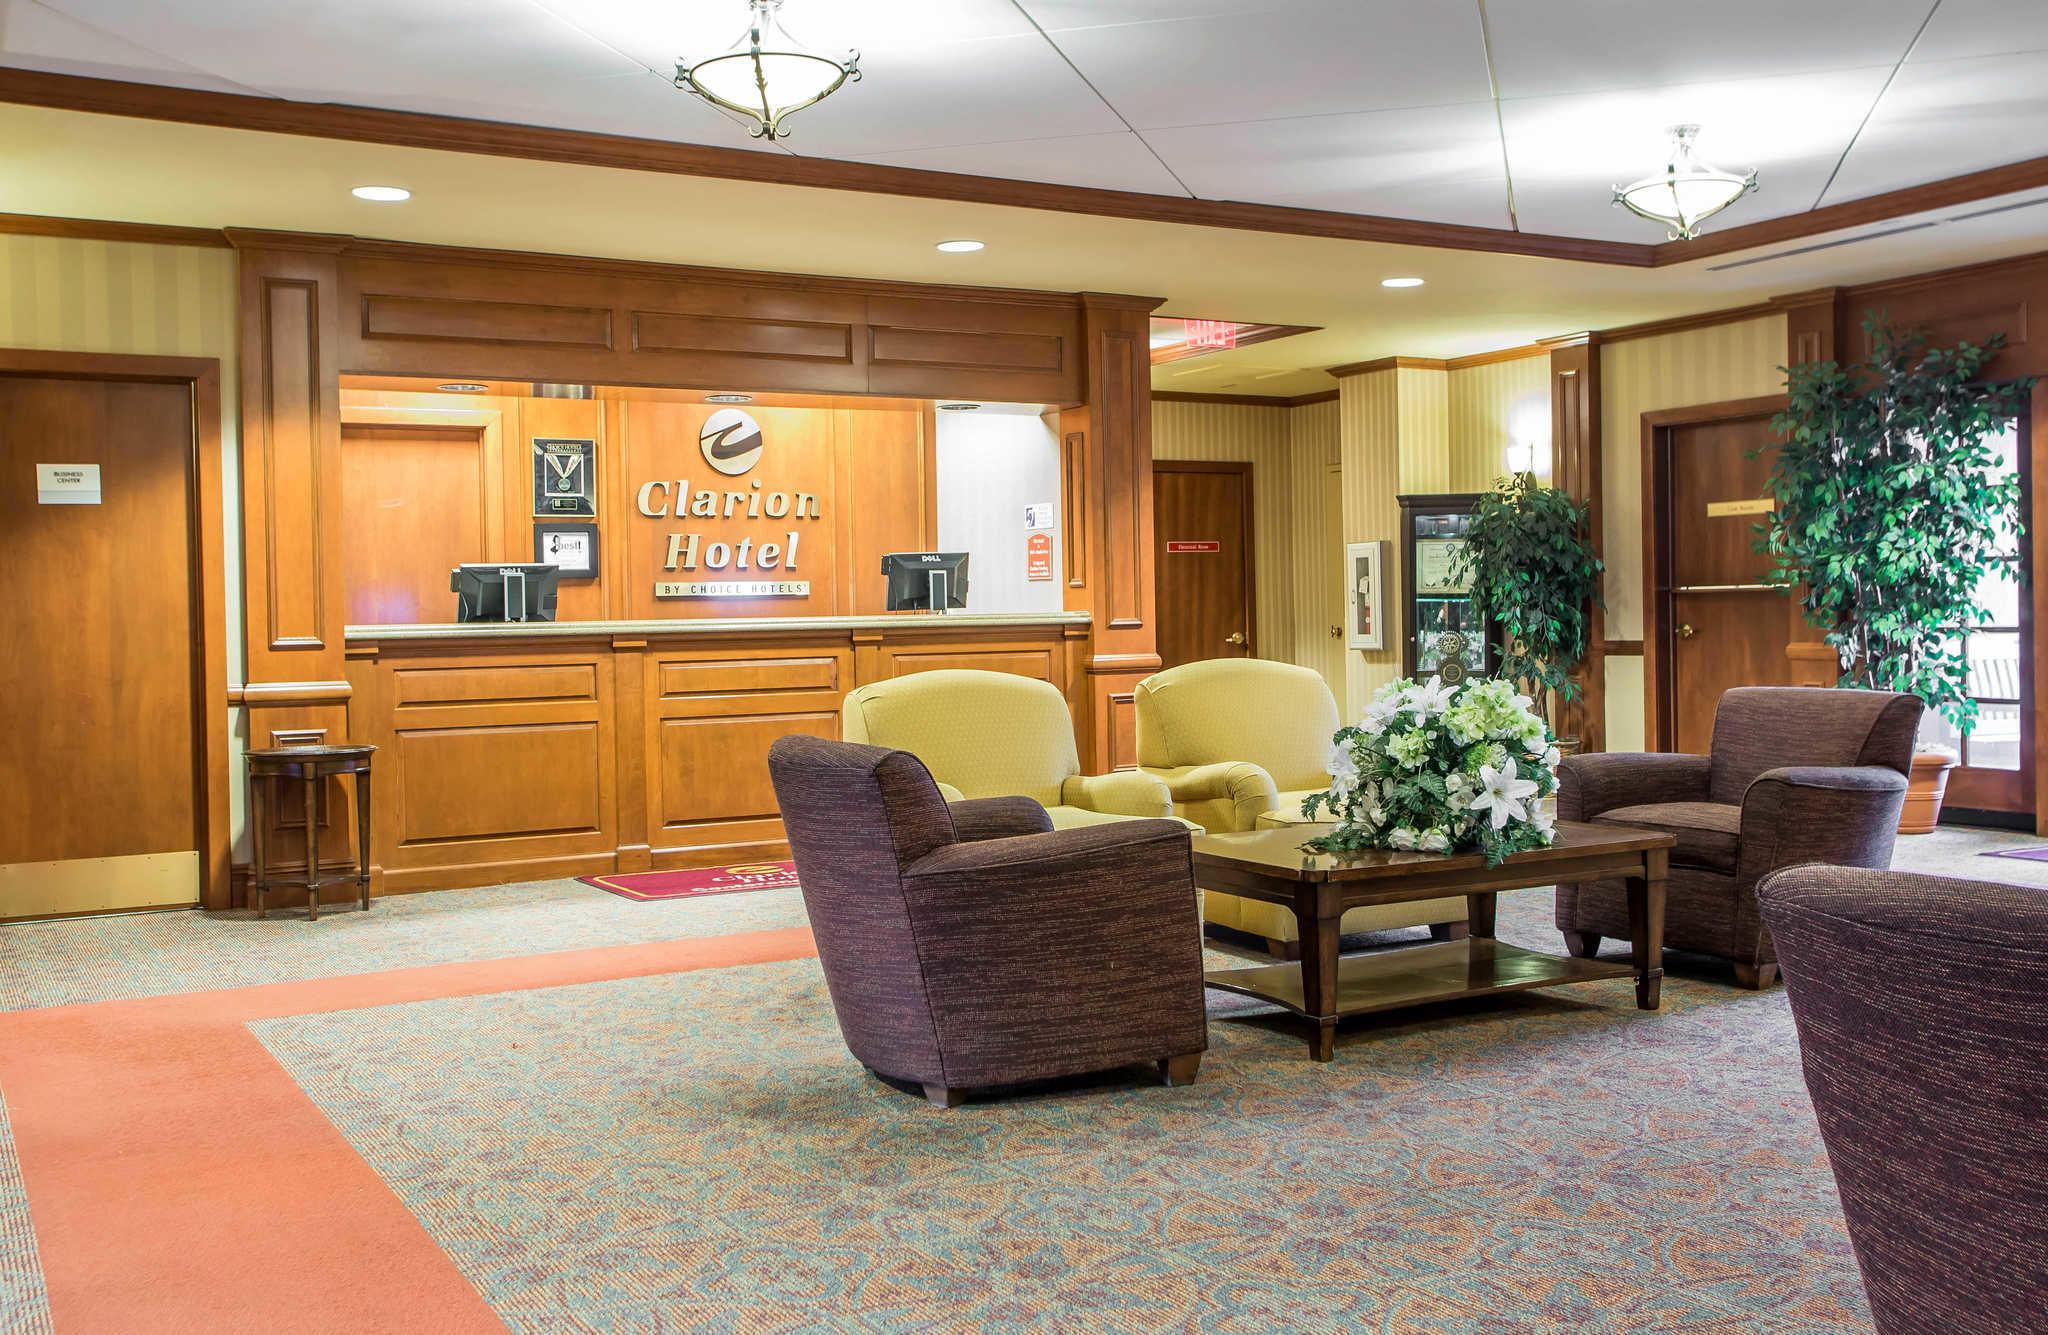 clarion hotel conference center toms river nj. Black Bedroom Furniture Sets. Home Design Ideas